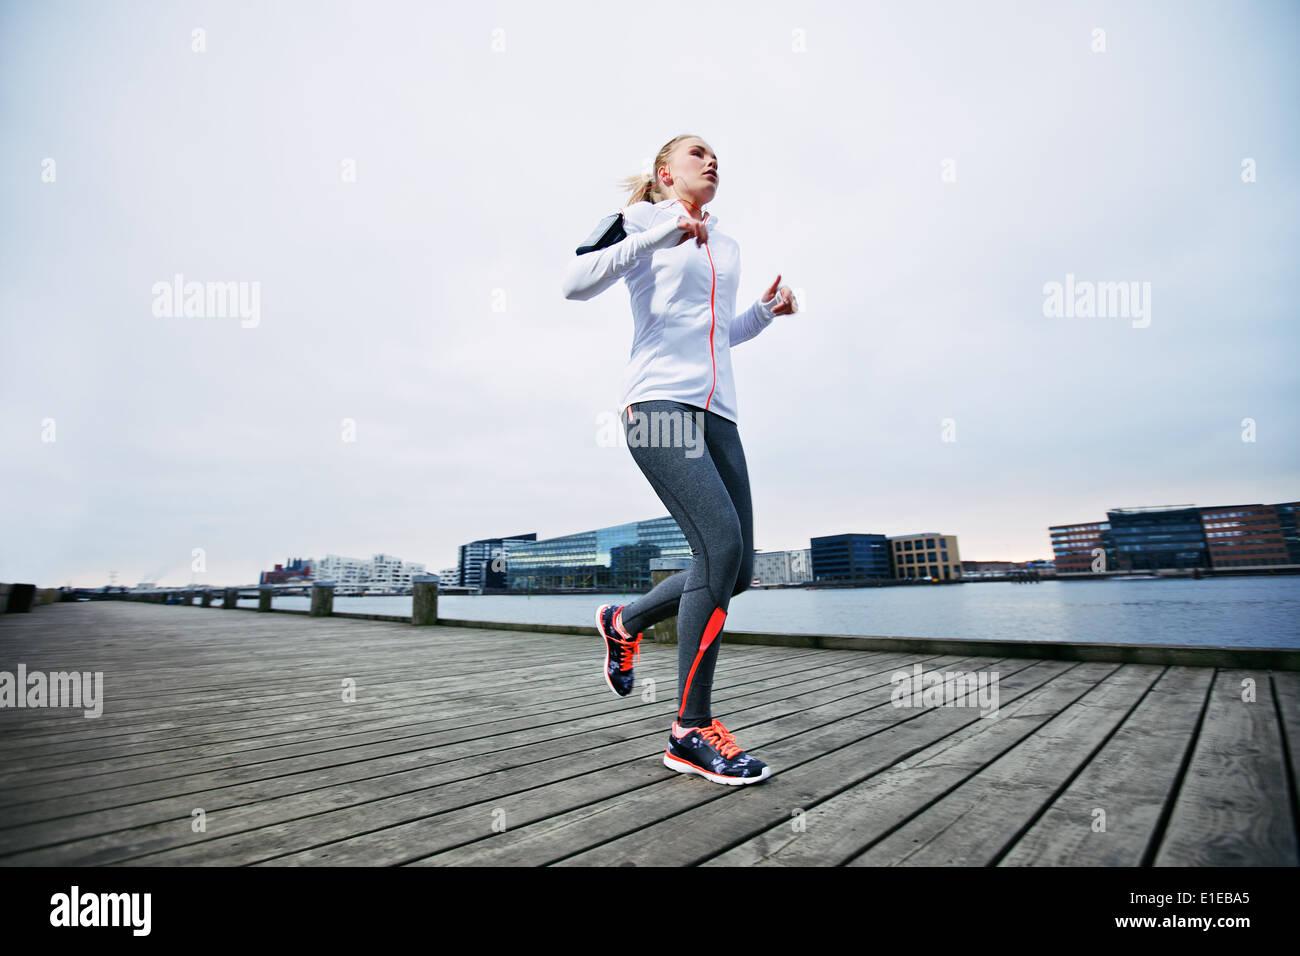 Ángulo de visión baja de atleta femenina que corre a lo largo de paseo marítimo. Mujer joven trotar en Paseo por el río. Imagen De Stock